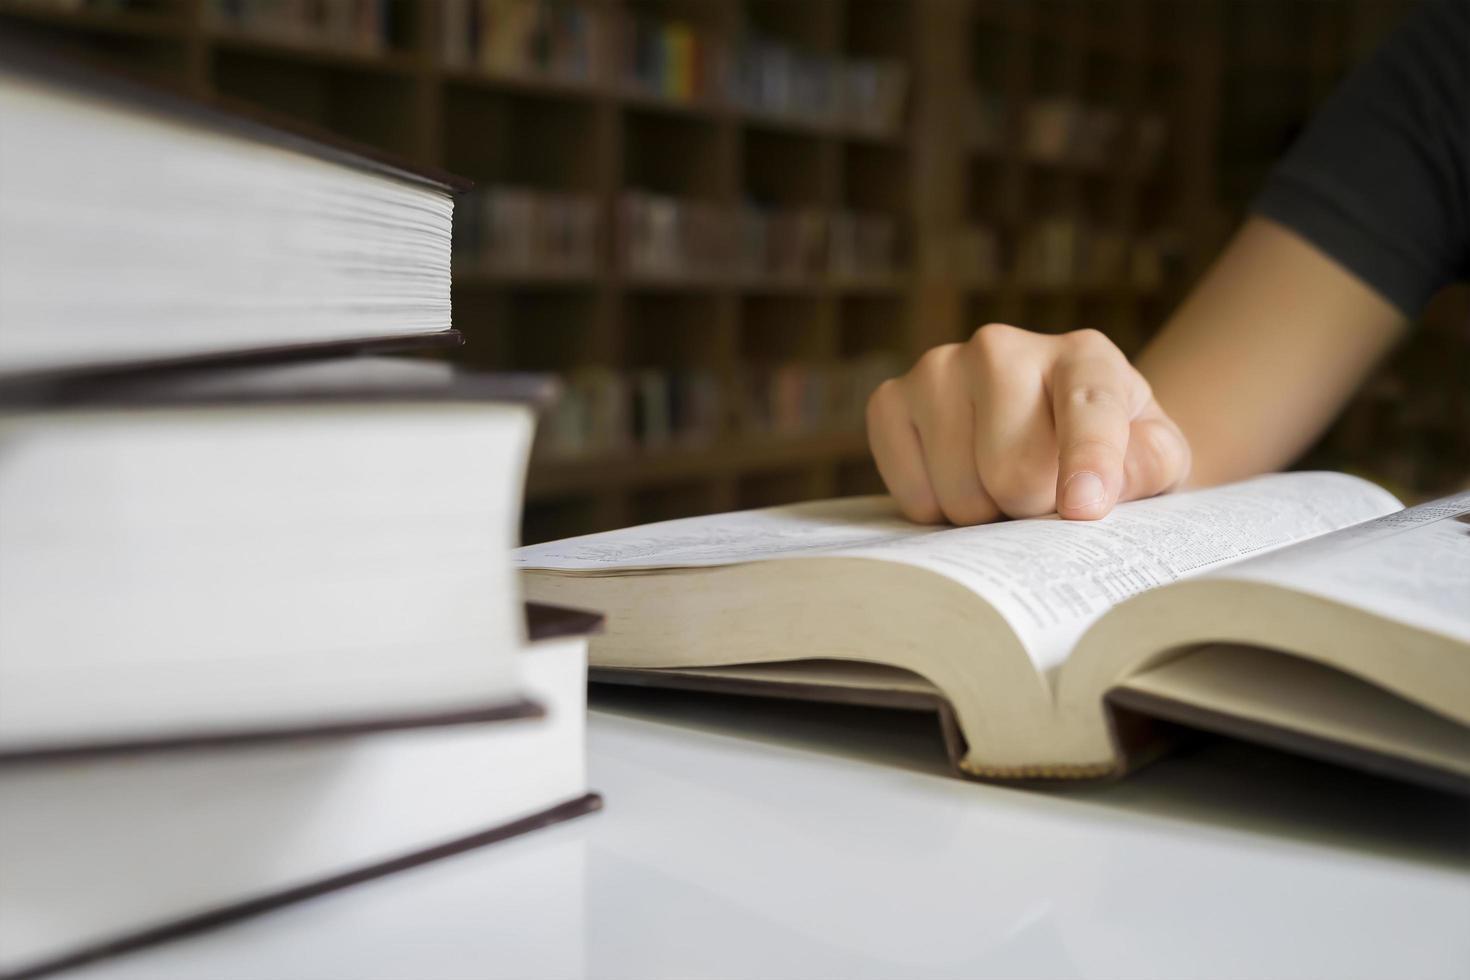 primo piano di una persona che legge in una biblioteca foto